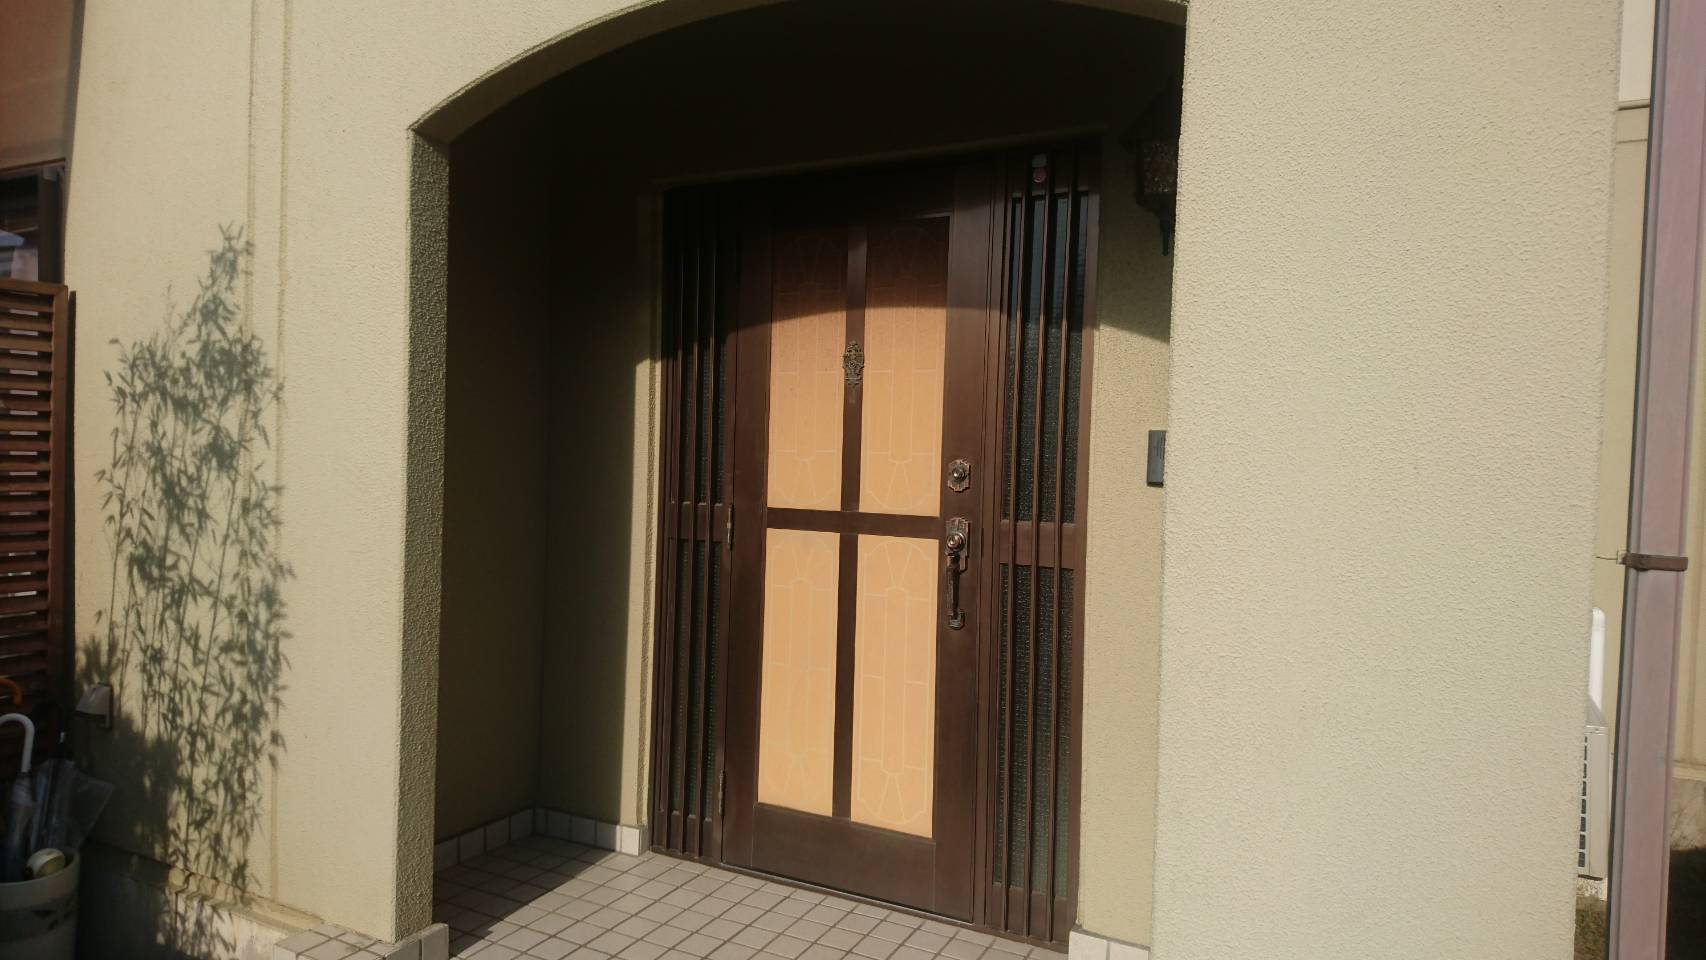 シーエス建材トーヨー住器の明るい玄関ドア リフォーム工事の施工前の写真1